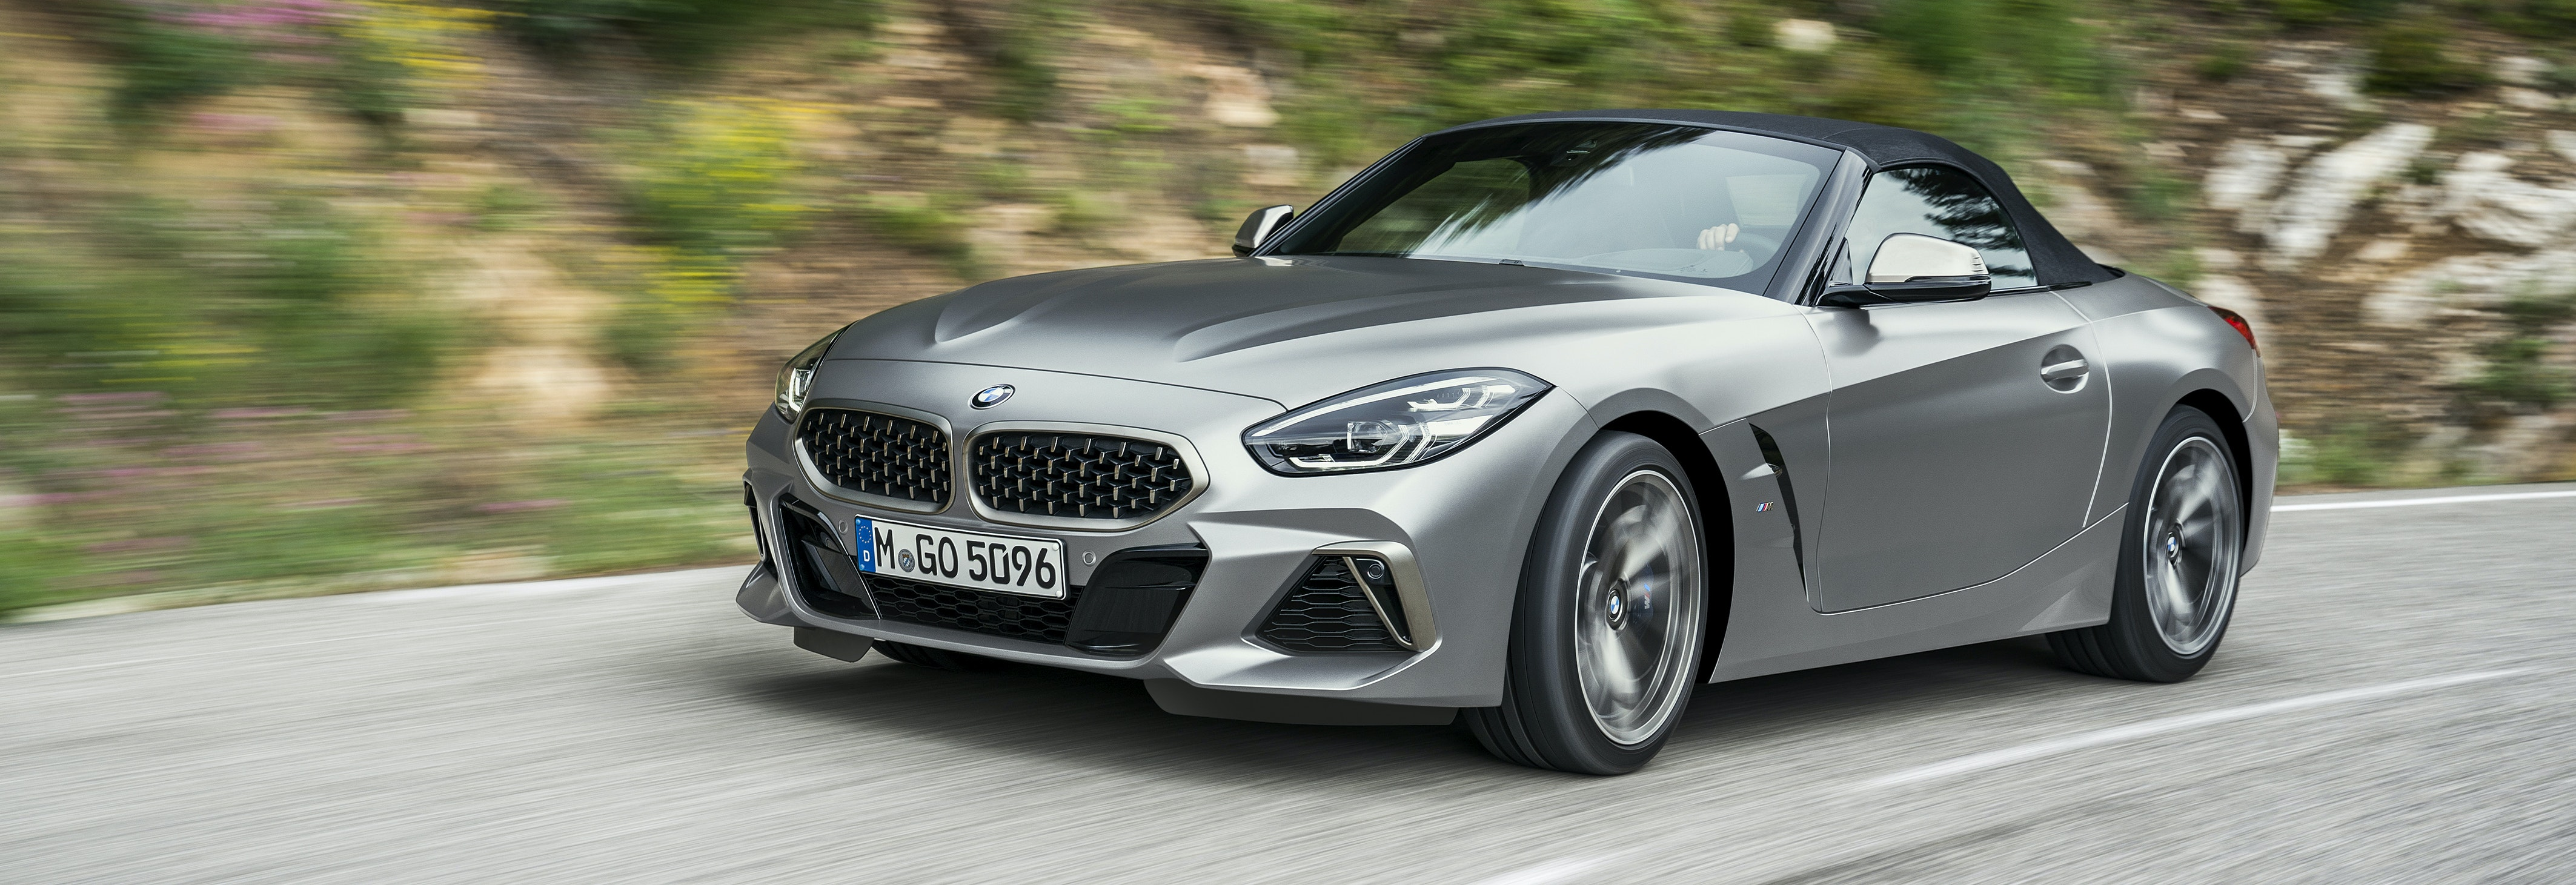 Superb 2019 BMW Z4 Roof Up